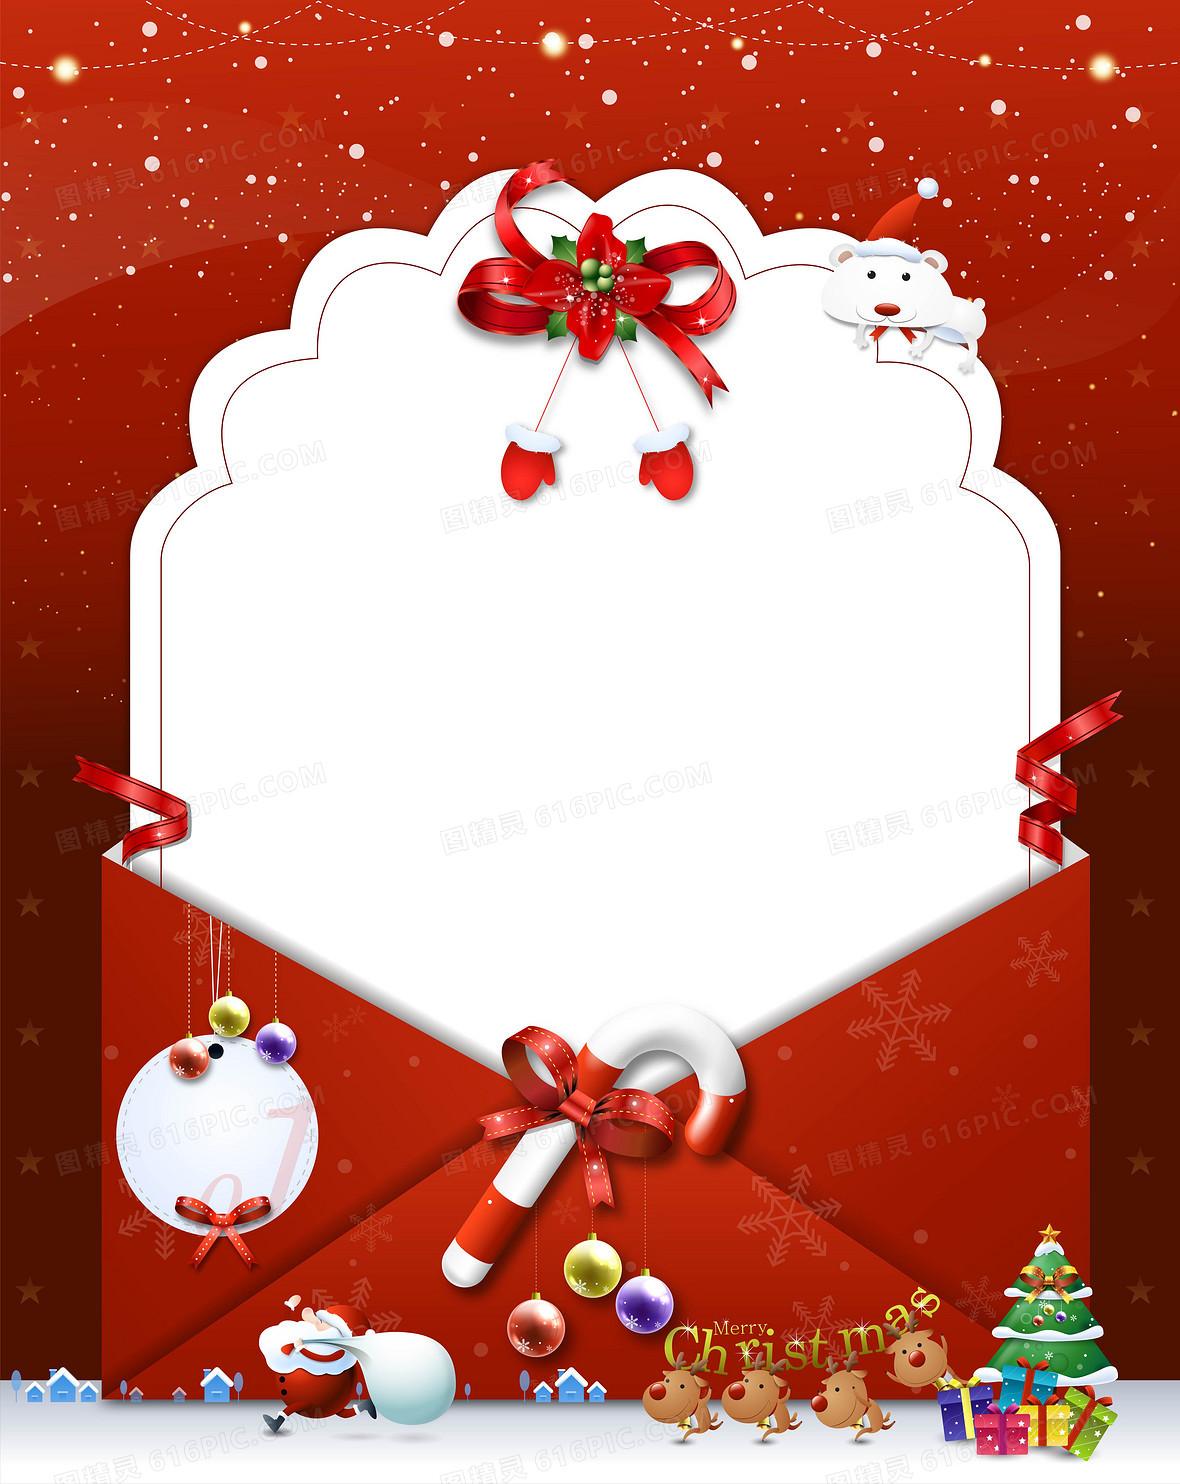 矢量红色卡通圣诞节欧式信封背景